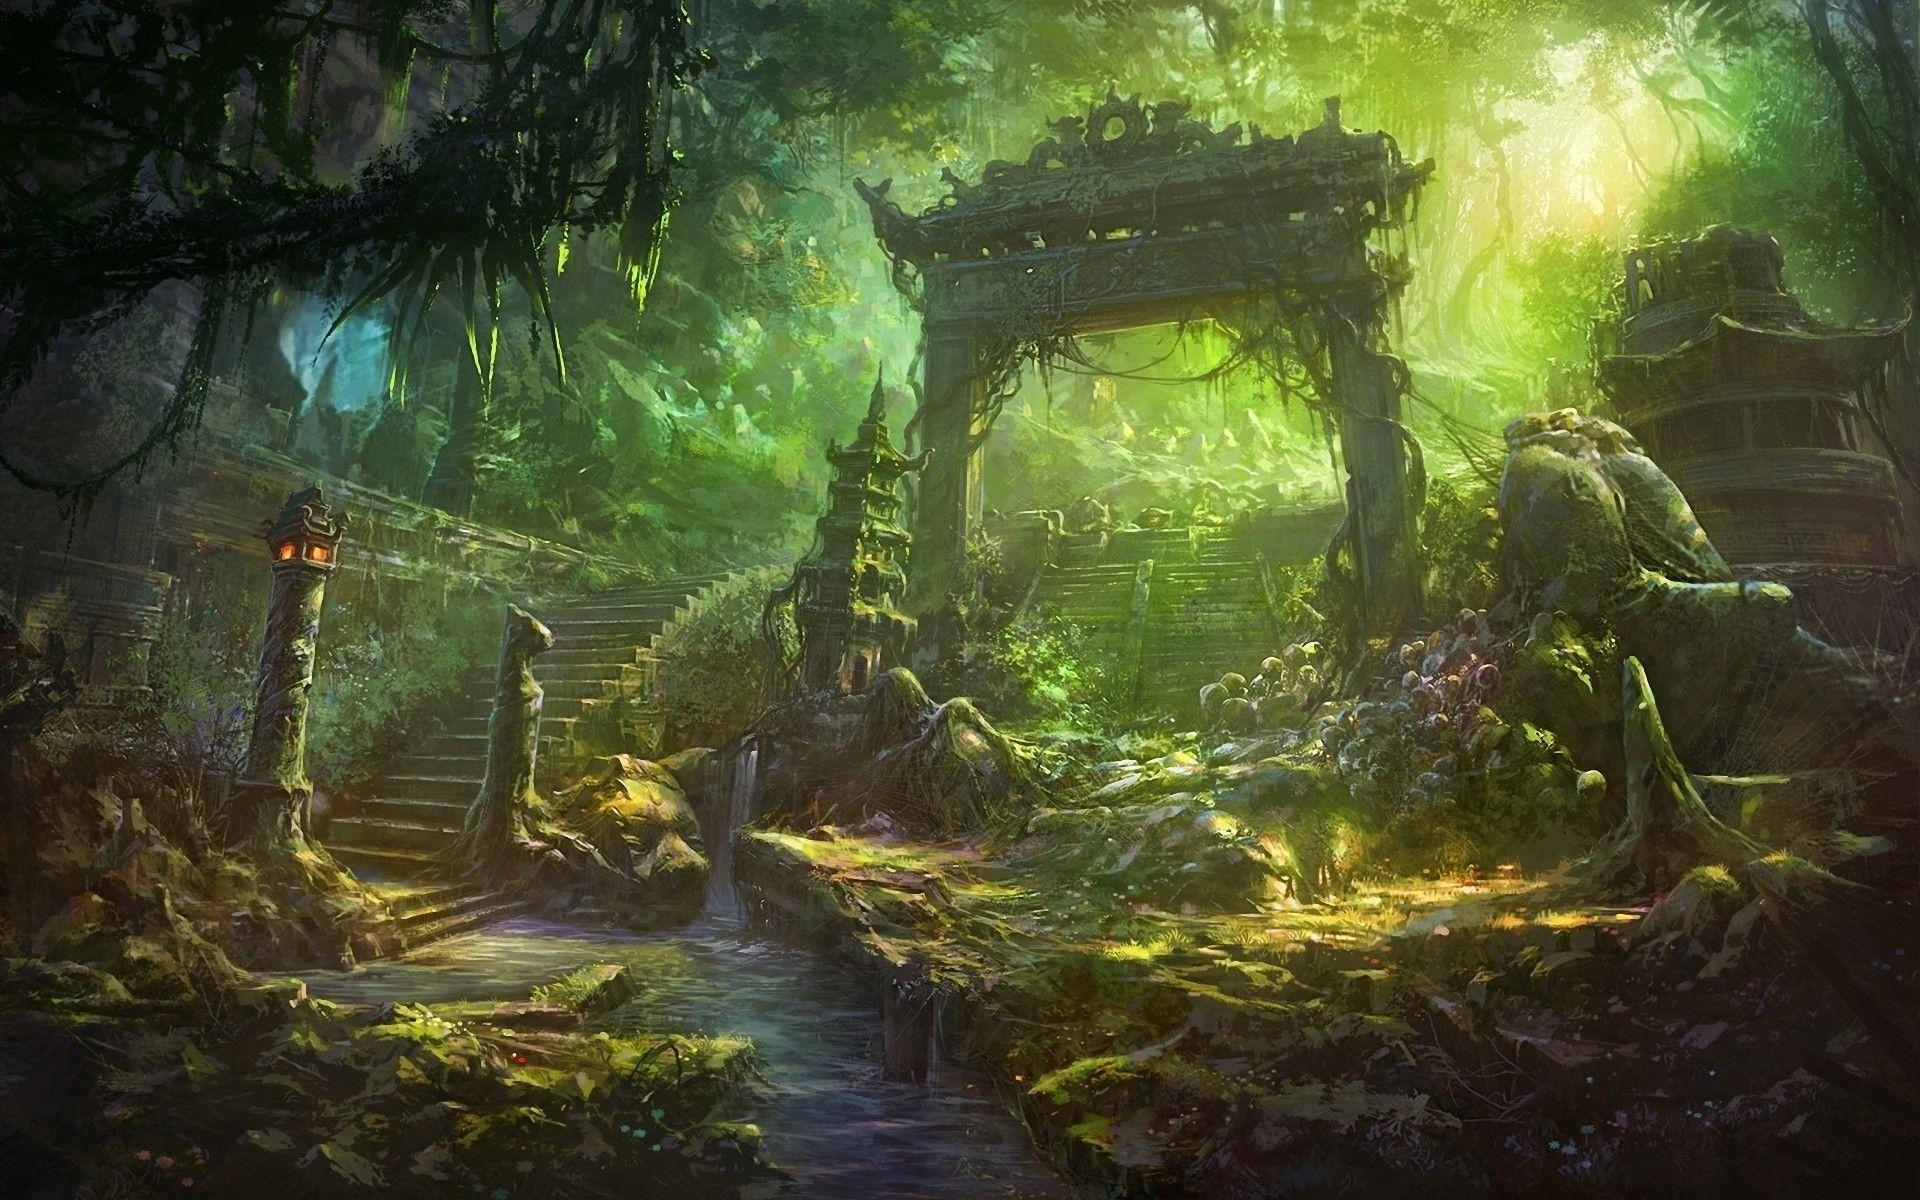 temple japan landscape wallpaper - photo #35